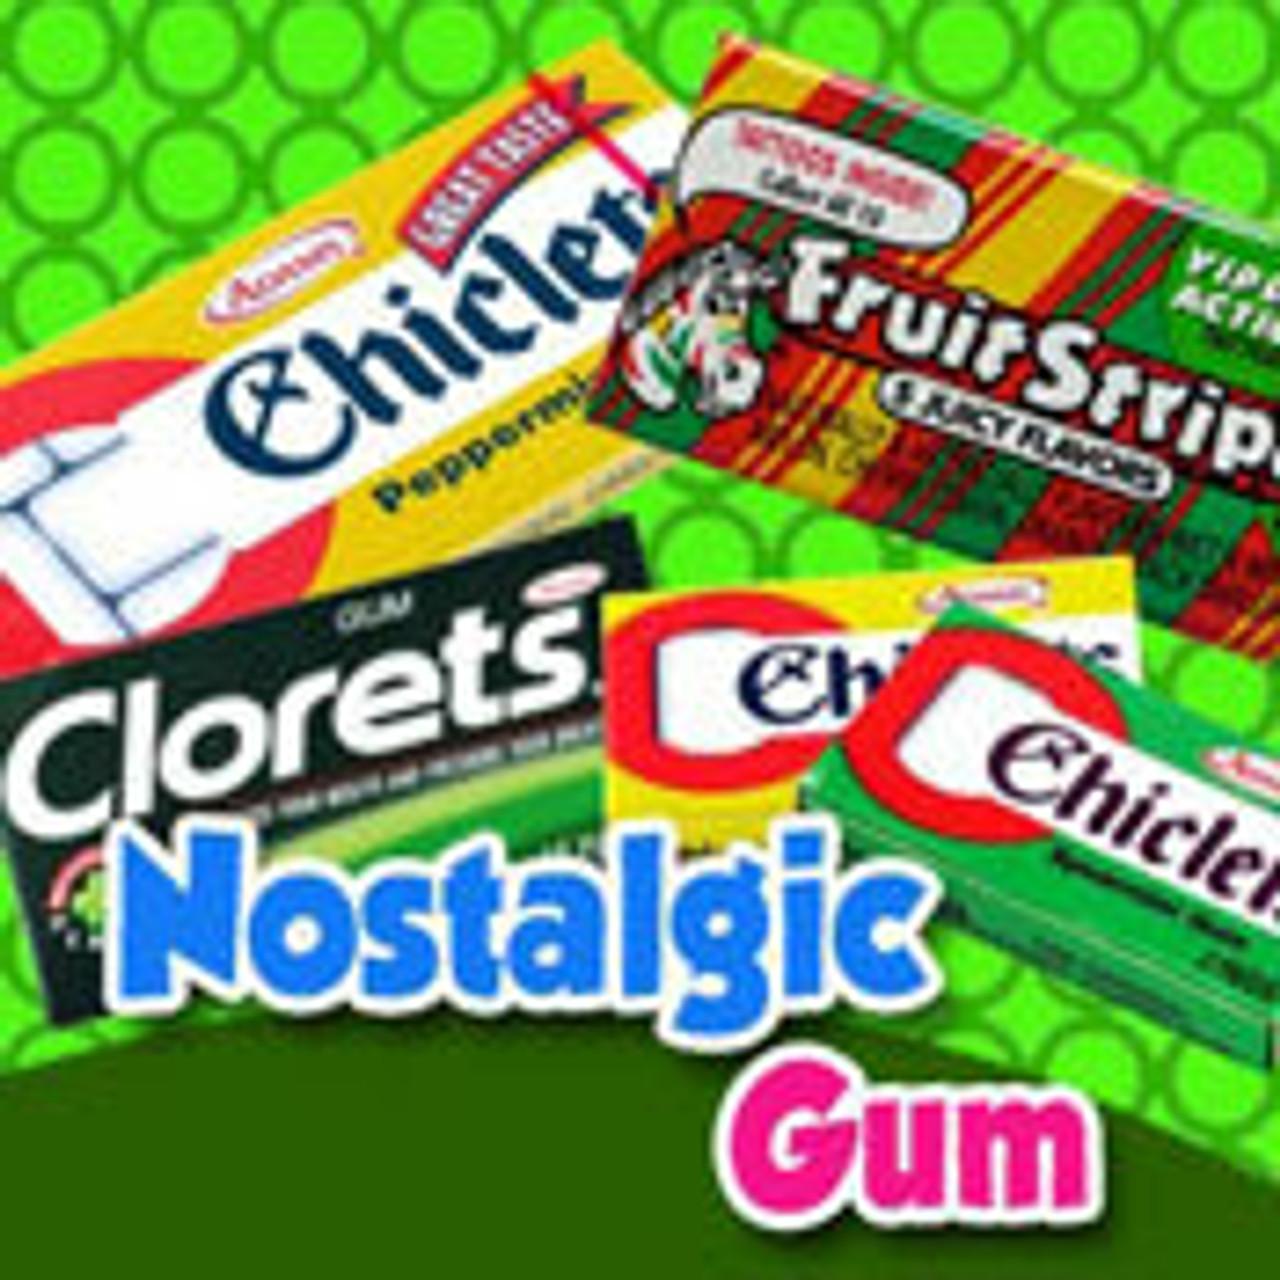 Nostalgic Gum